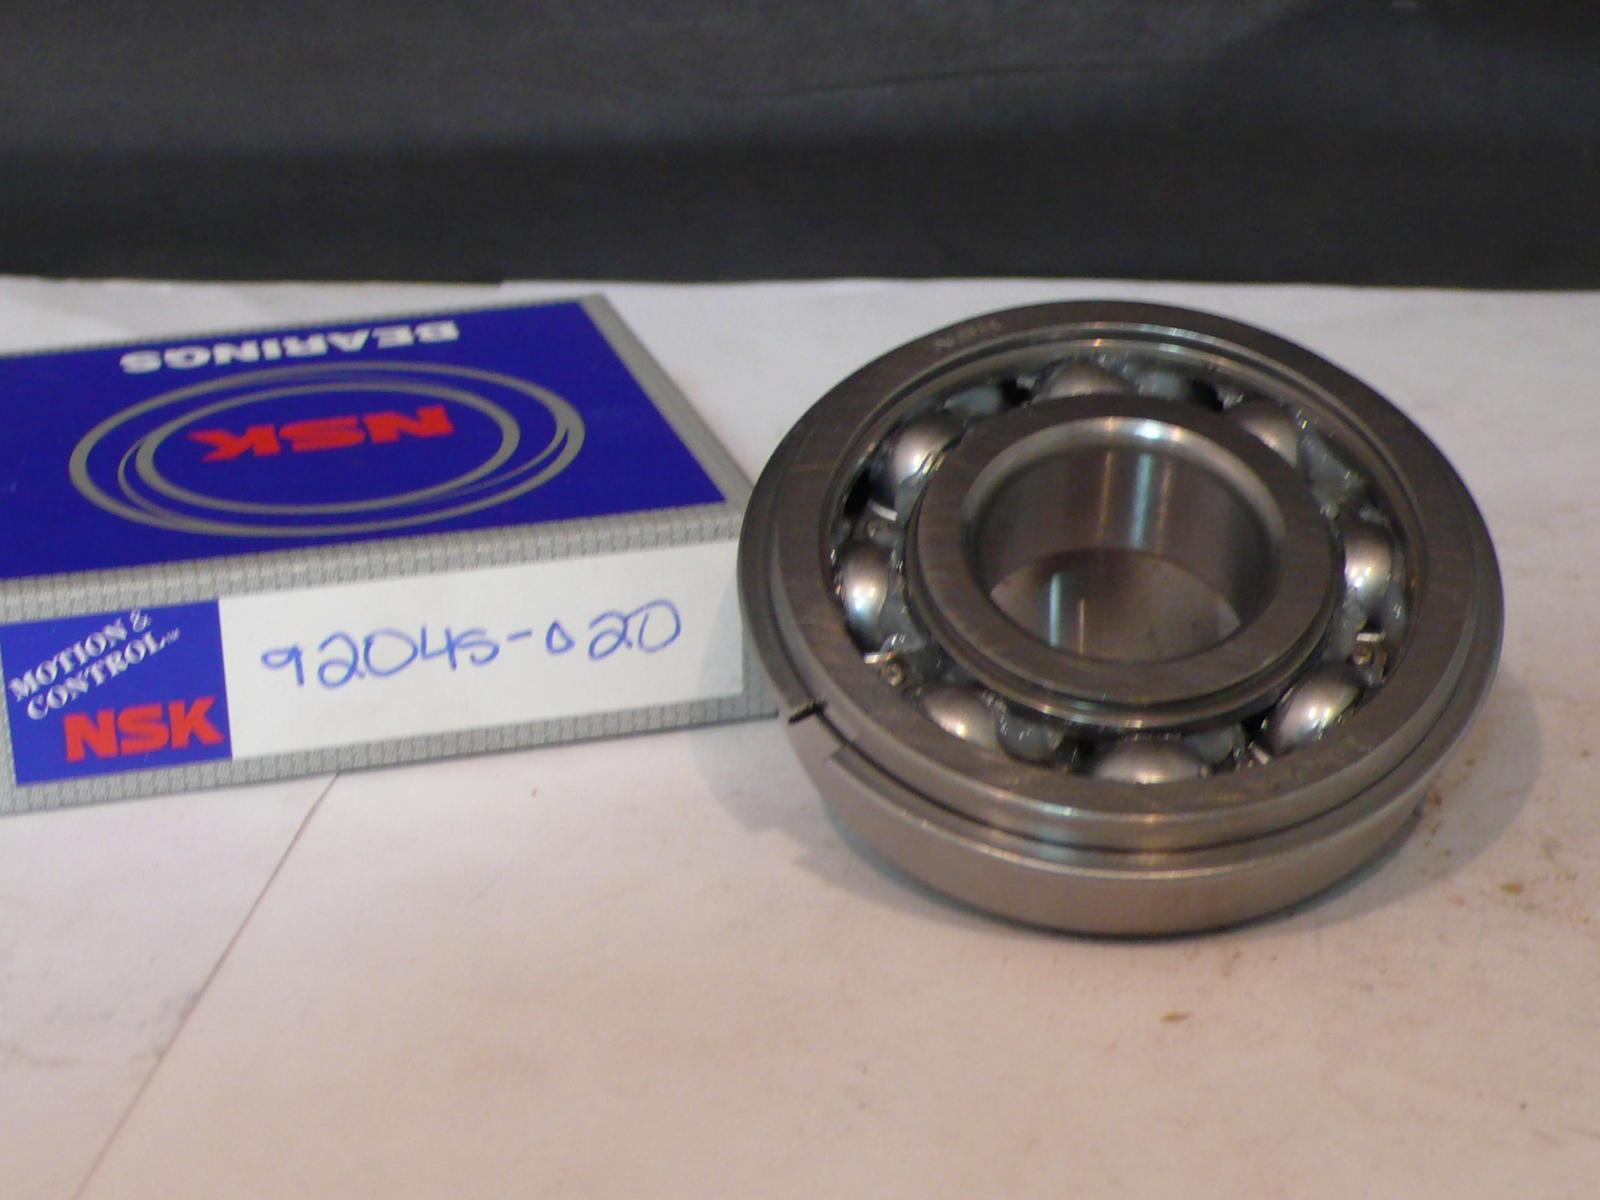 H Series 500 750 Kh500a8 1974 Kawasaki H1 Wiring Diagram 1500 Bearing Gearbox H2 Input